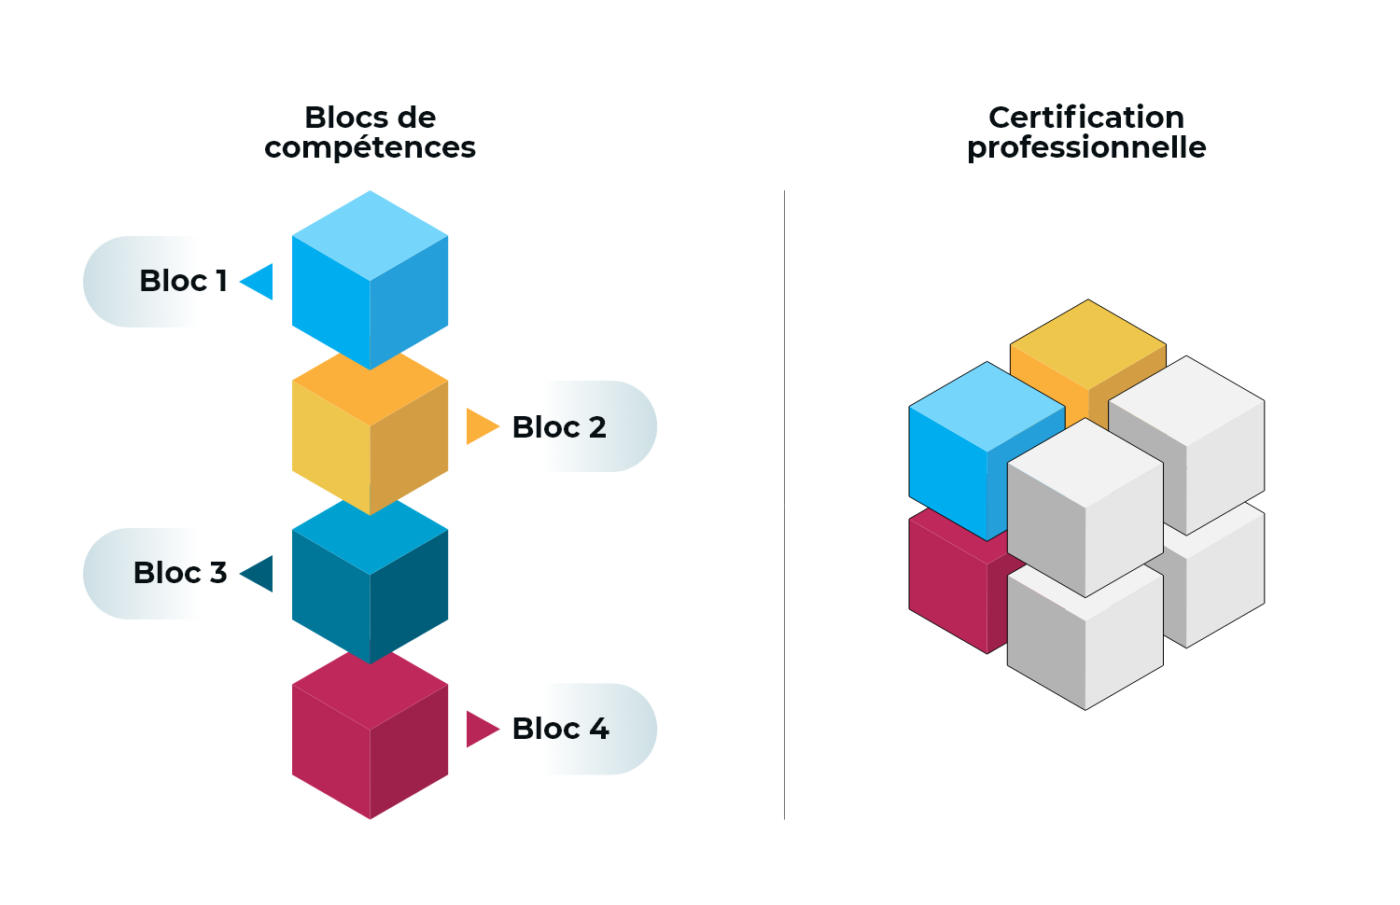 schema expliquant le fonctionnement d'un bloc de compétences